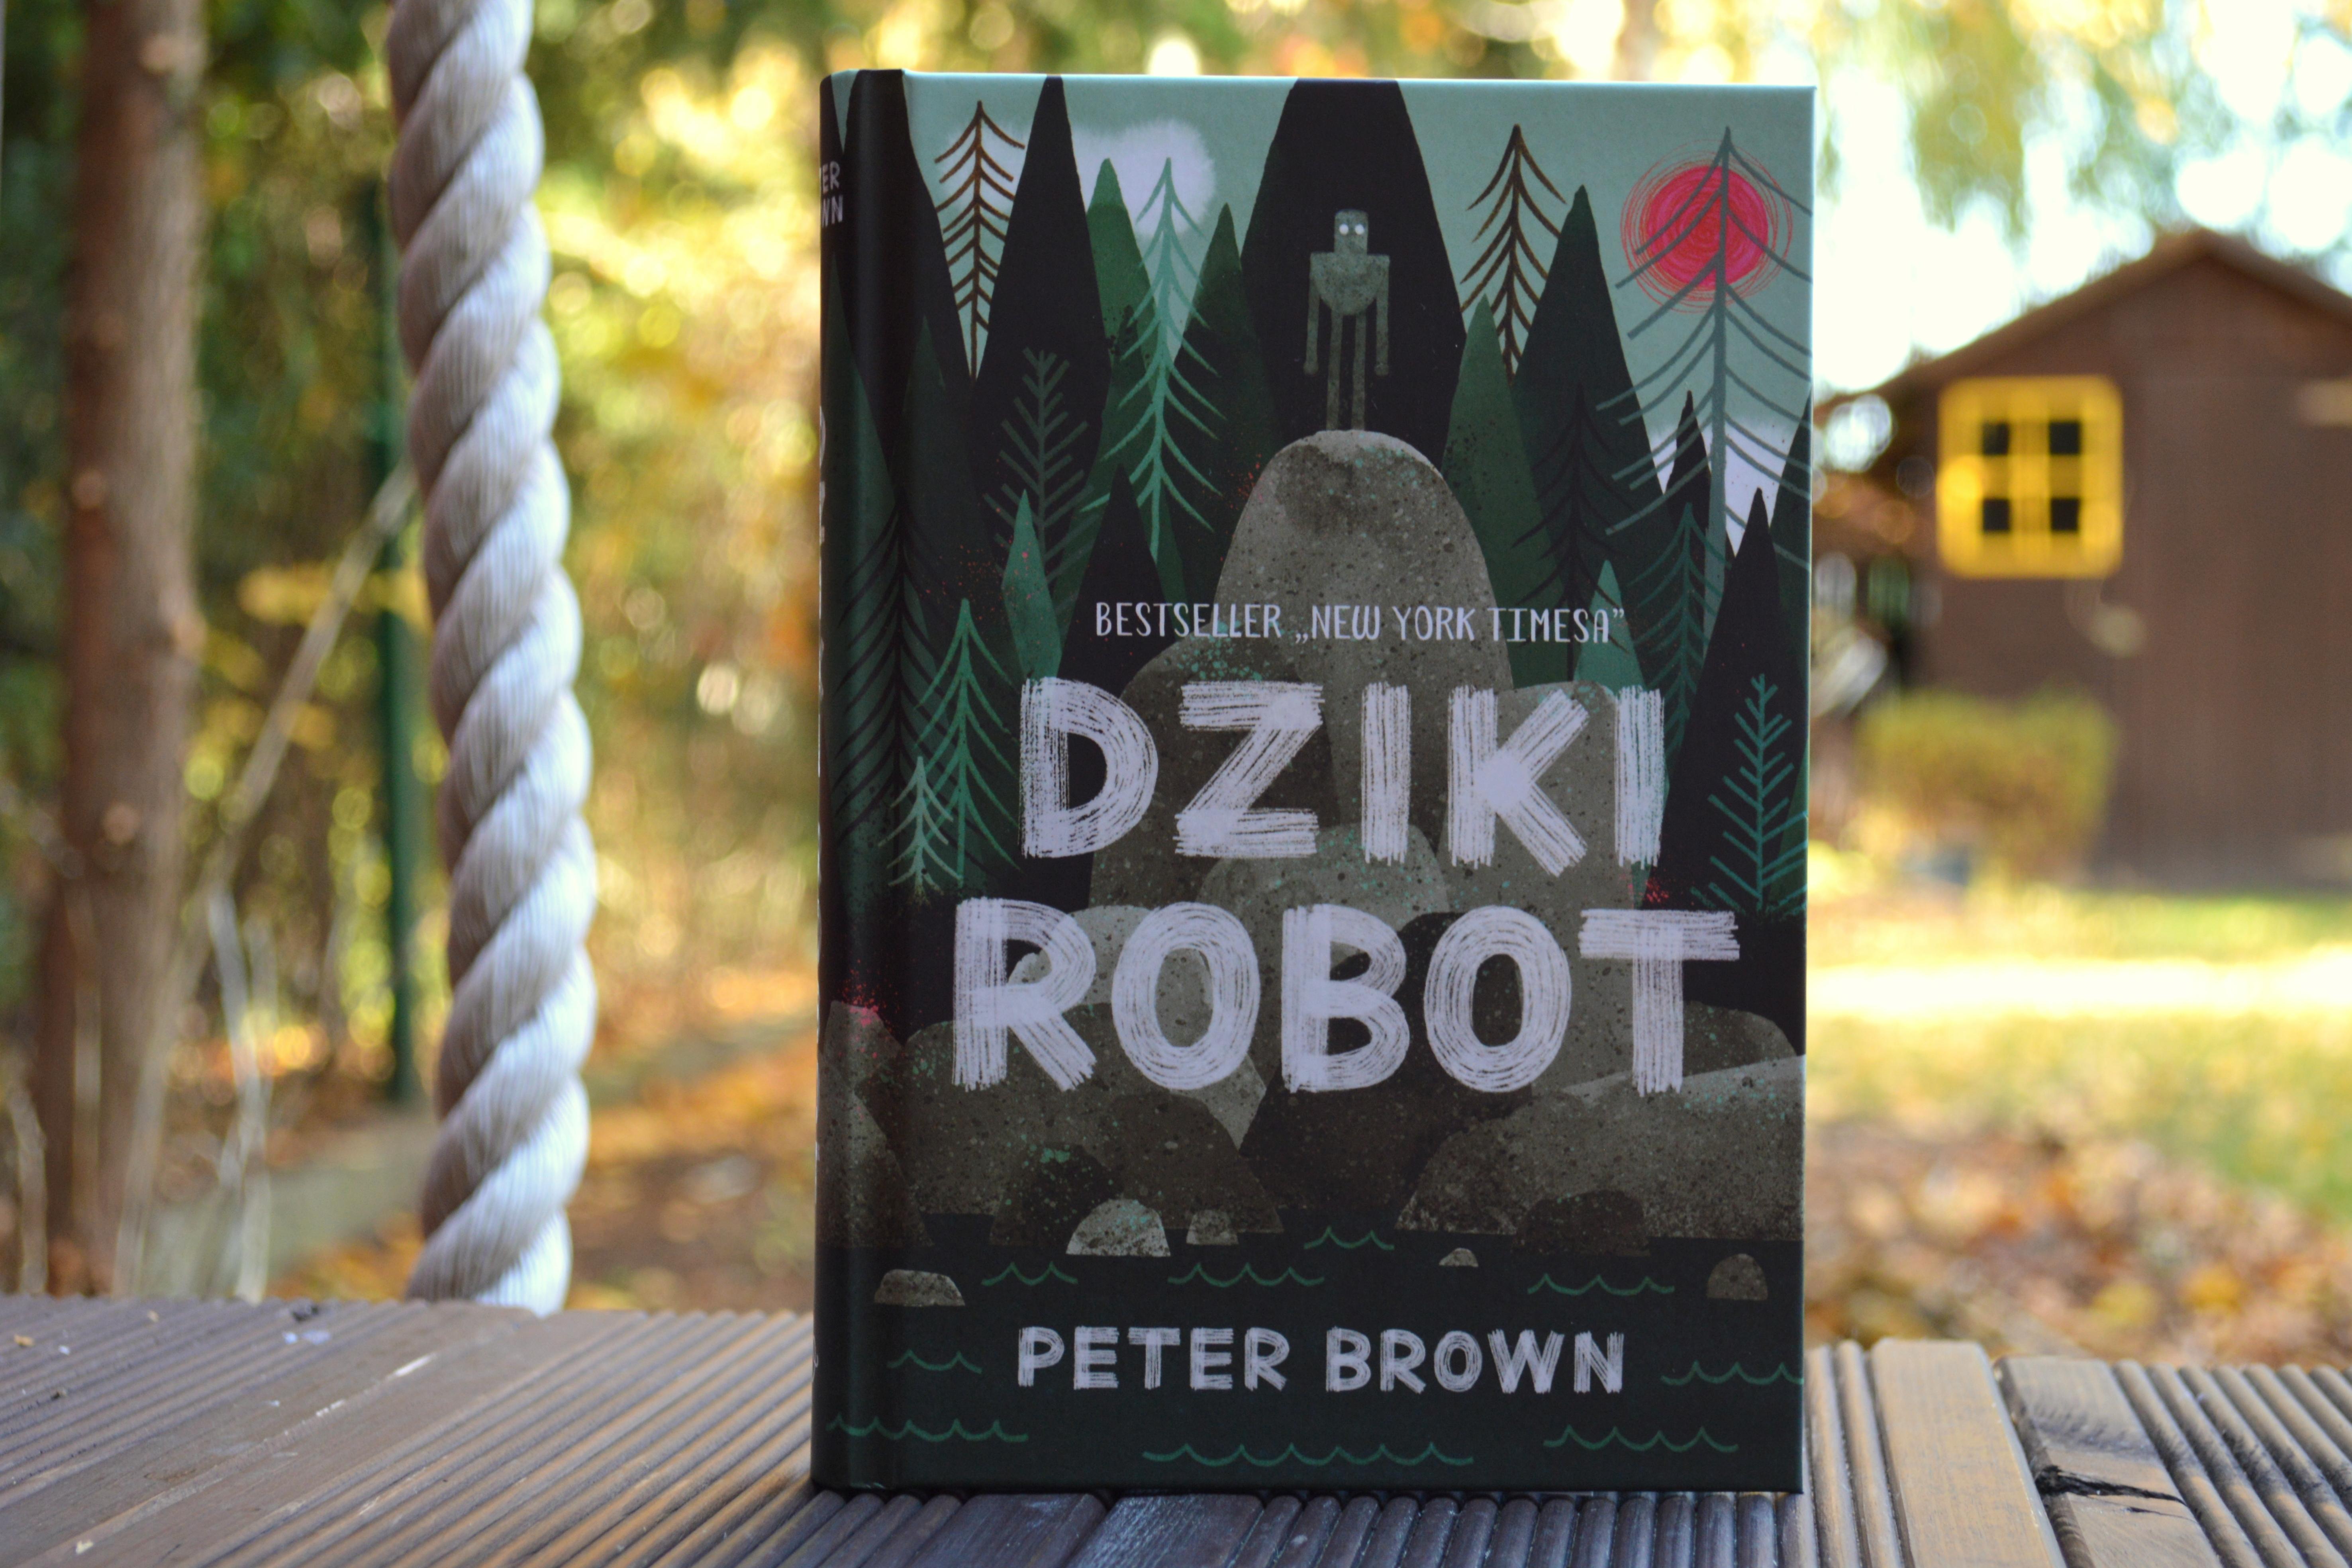 Peter Brown Dziki robot